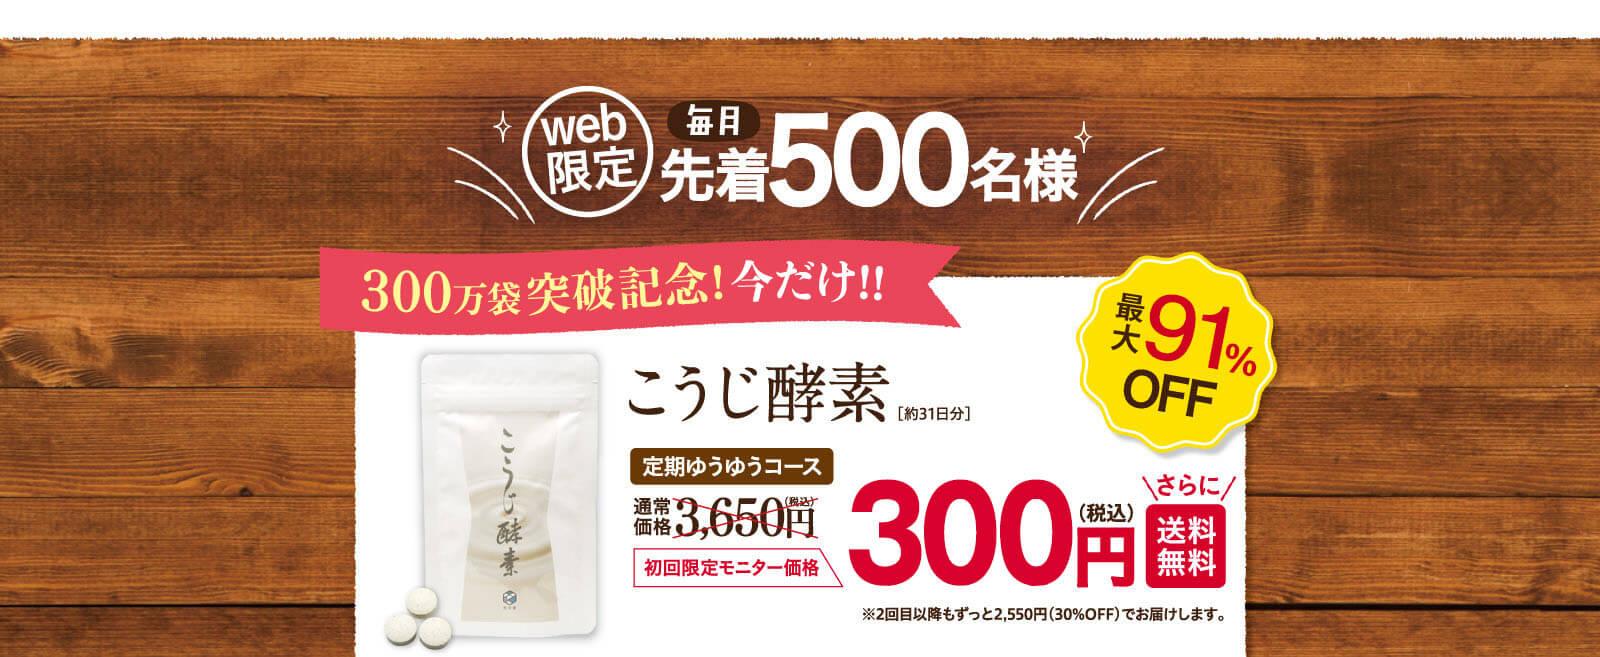 こうじ酵素 300円 送料無料